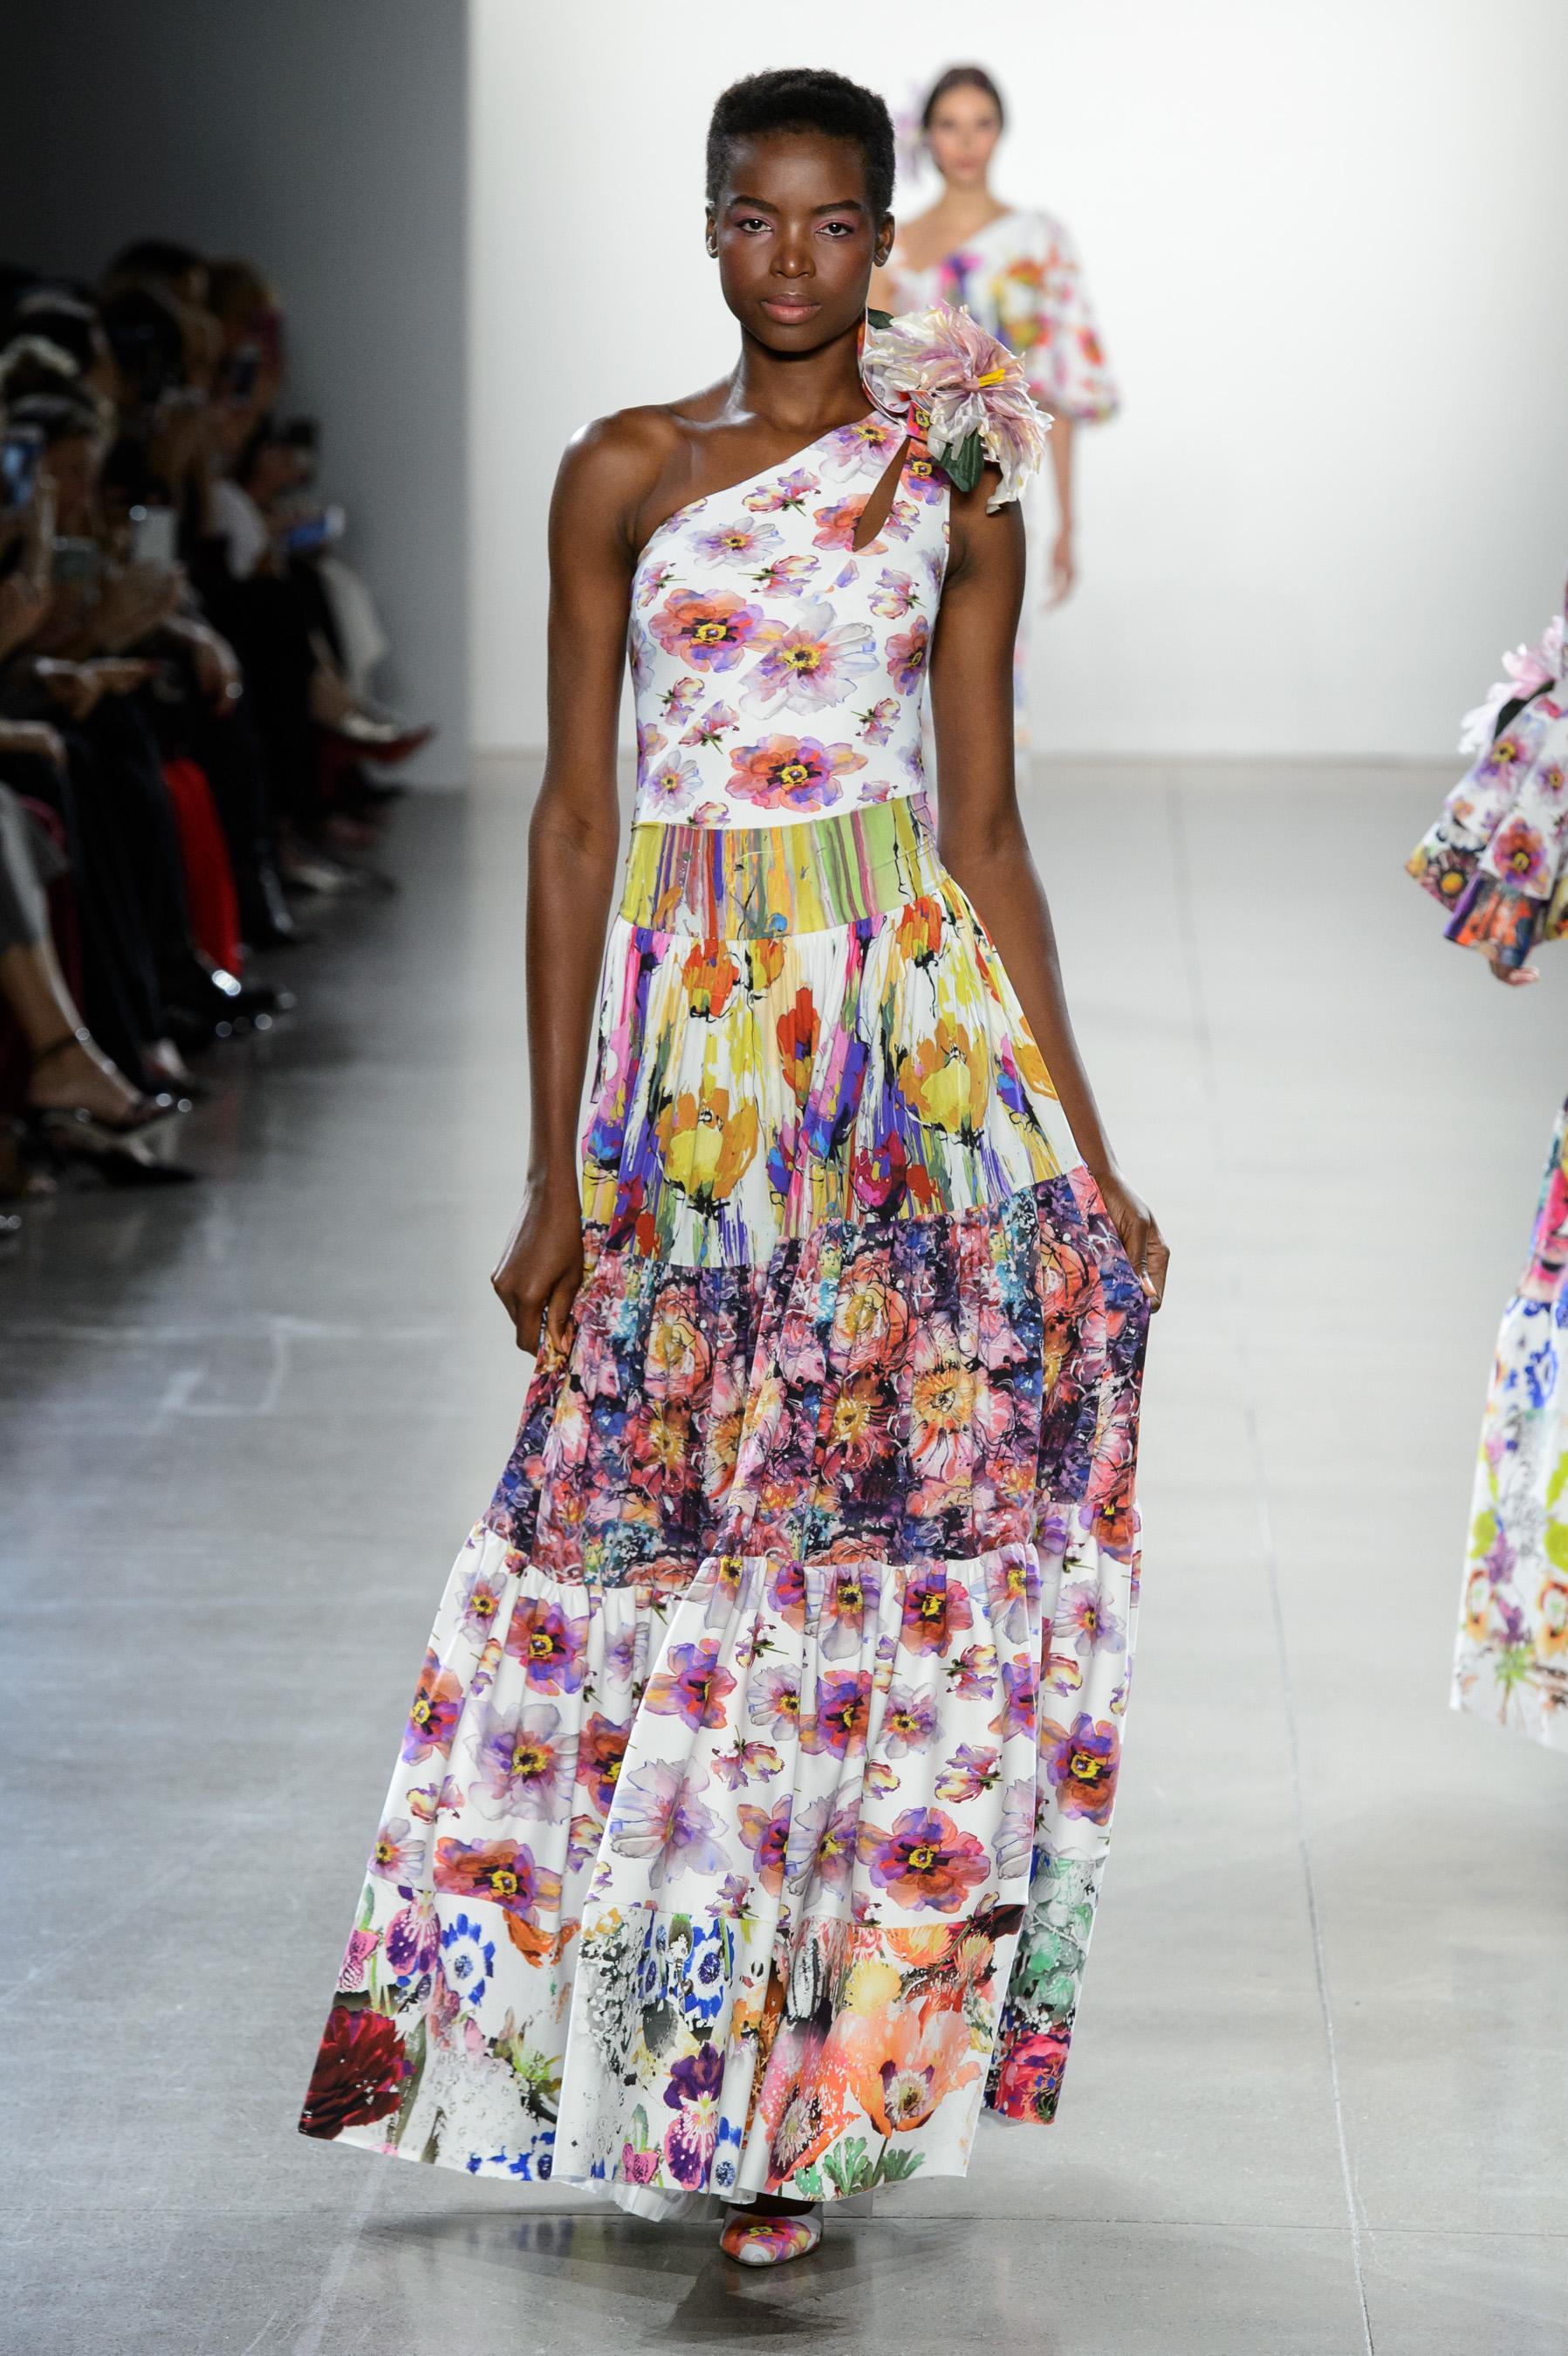 Défilé Chiara Boni La Petite Robe printemps,été 2019, New York , Look 5.